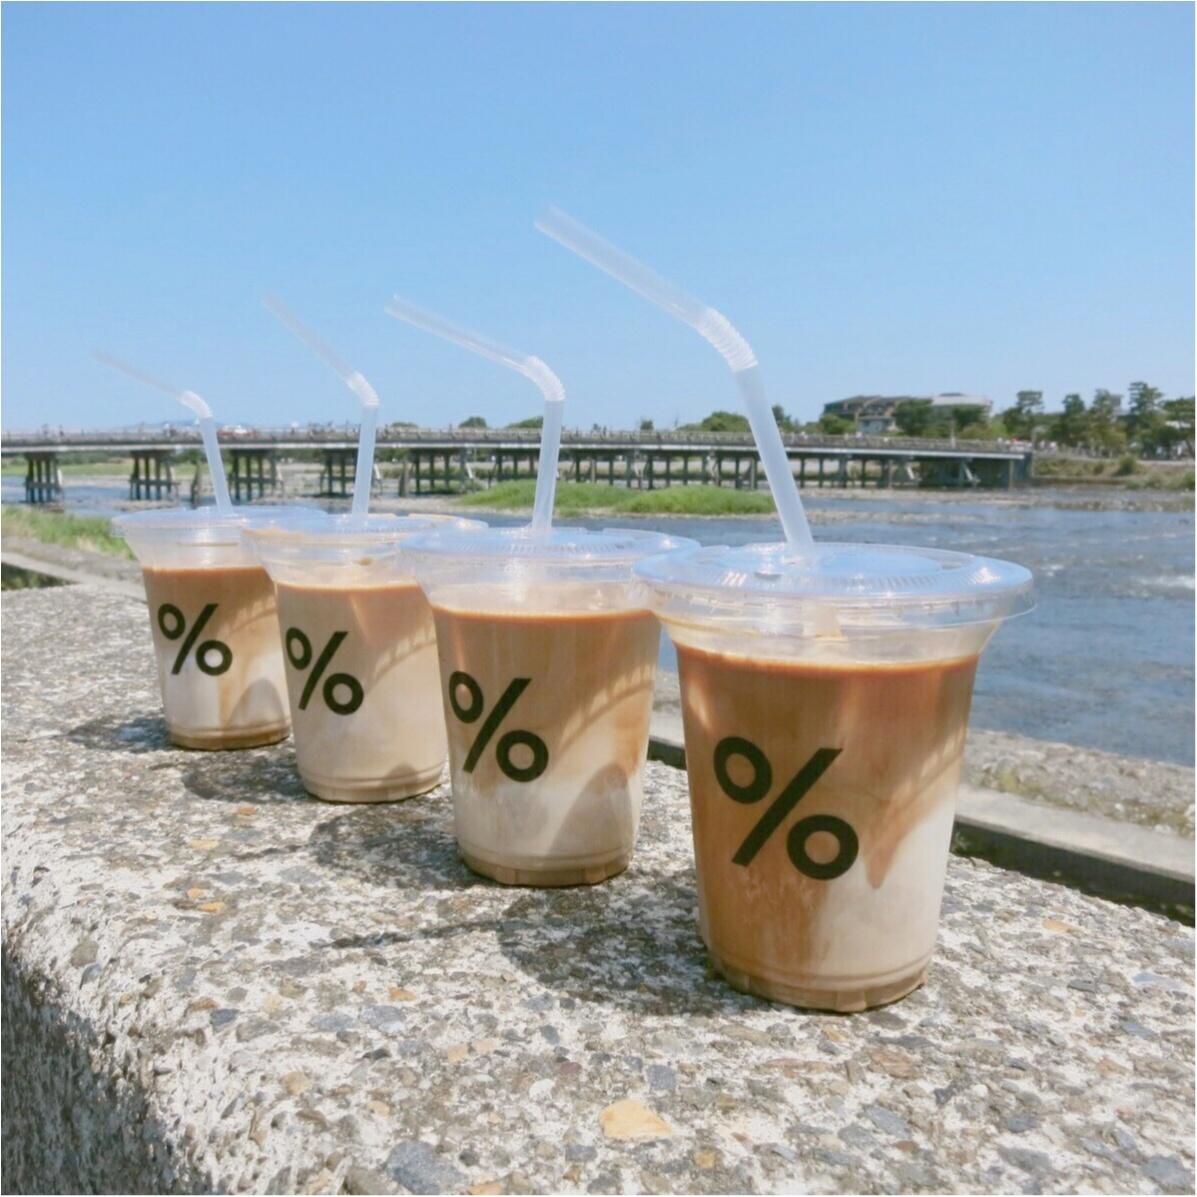 京都に行ったら絶対オススメ♡《 京都アラビカ 》のこだわりコーヒーはいかがですか?_1